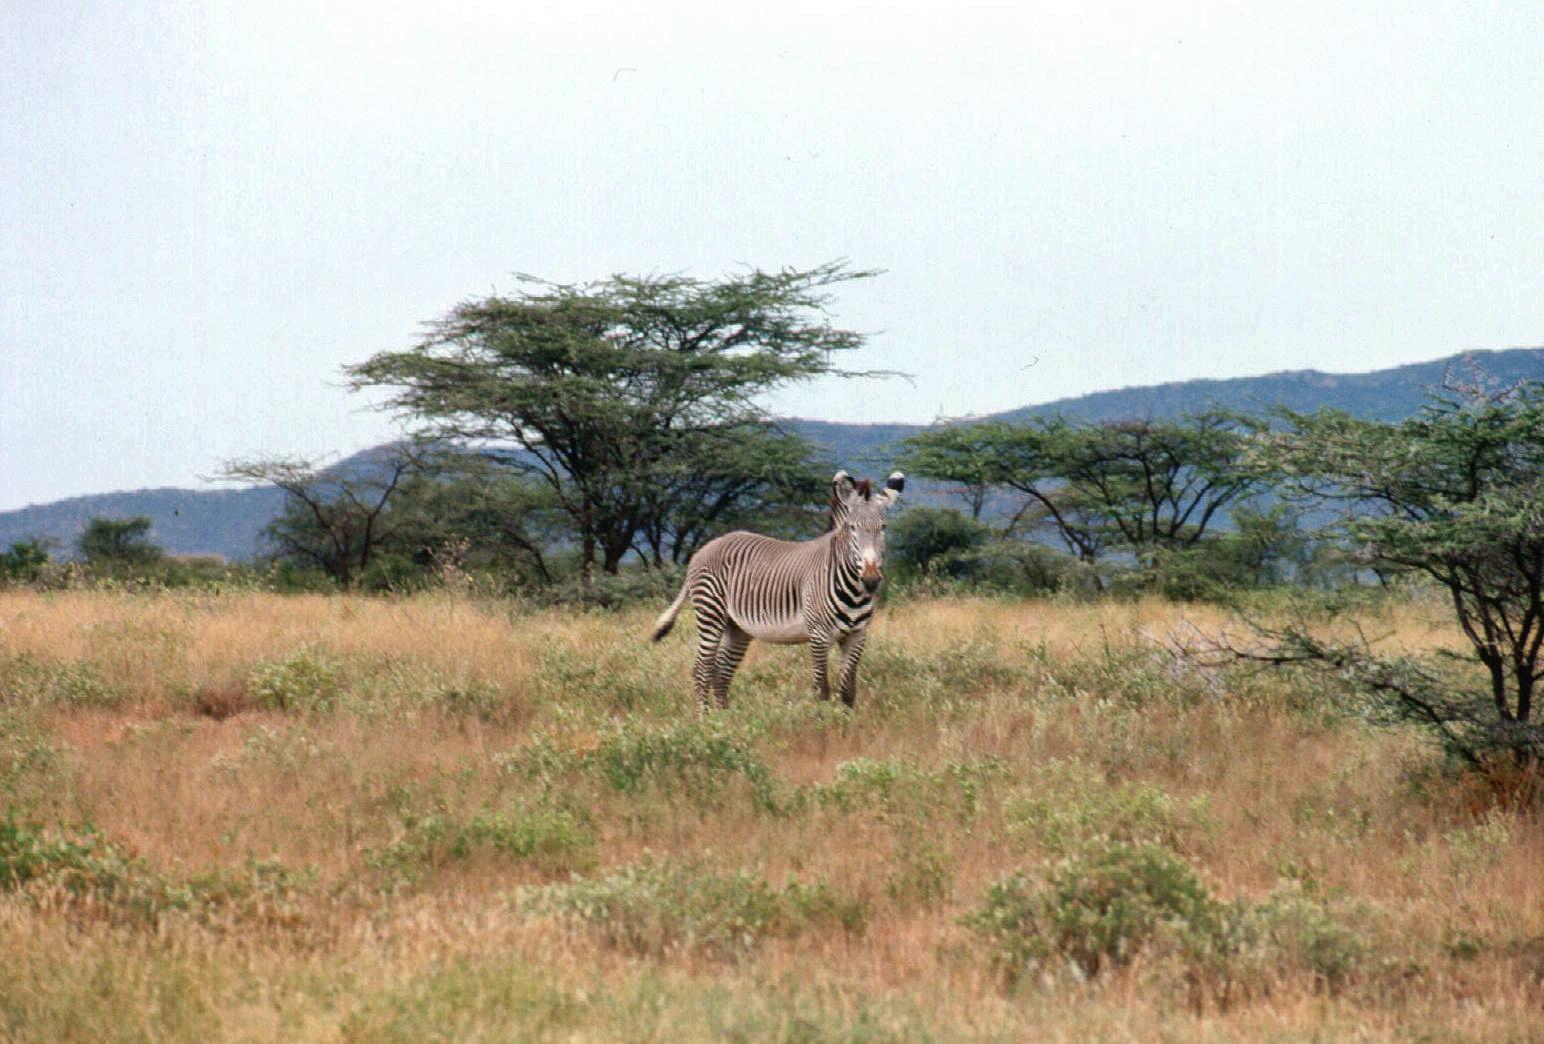 turkana safari gravy zebra